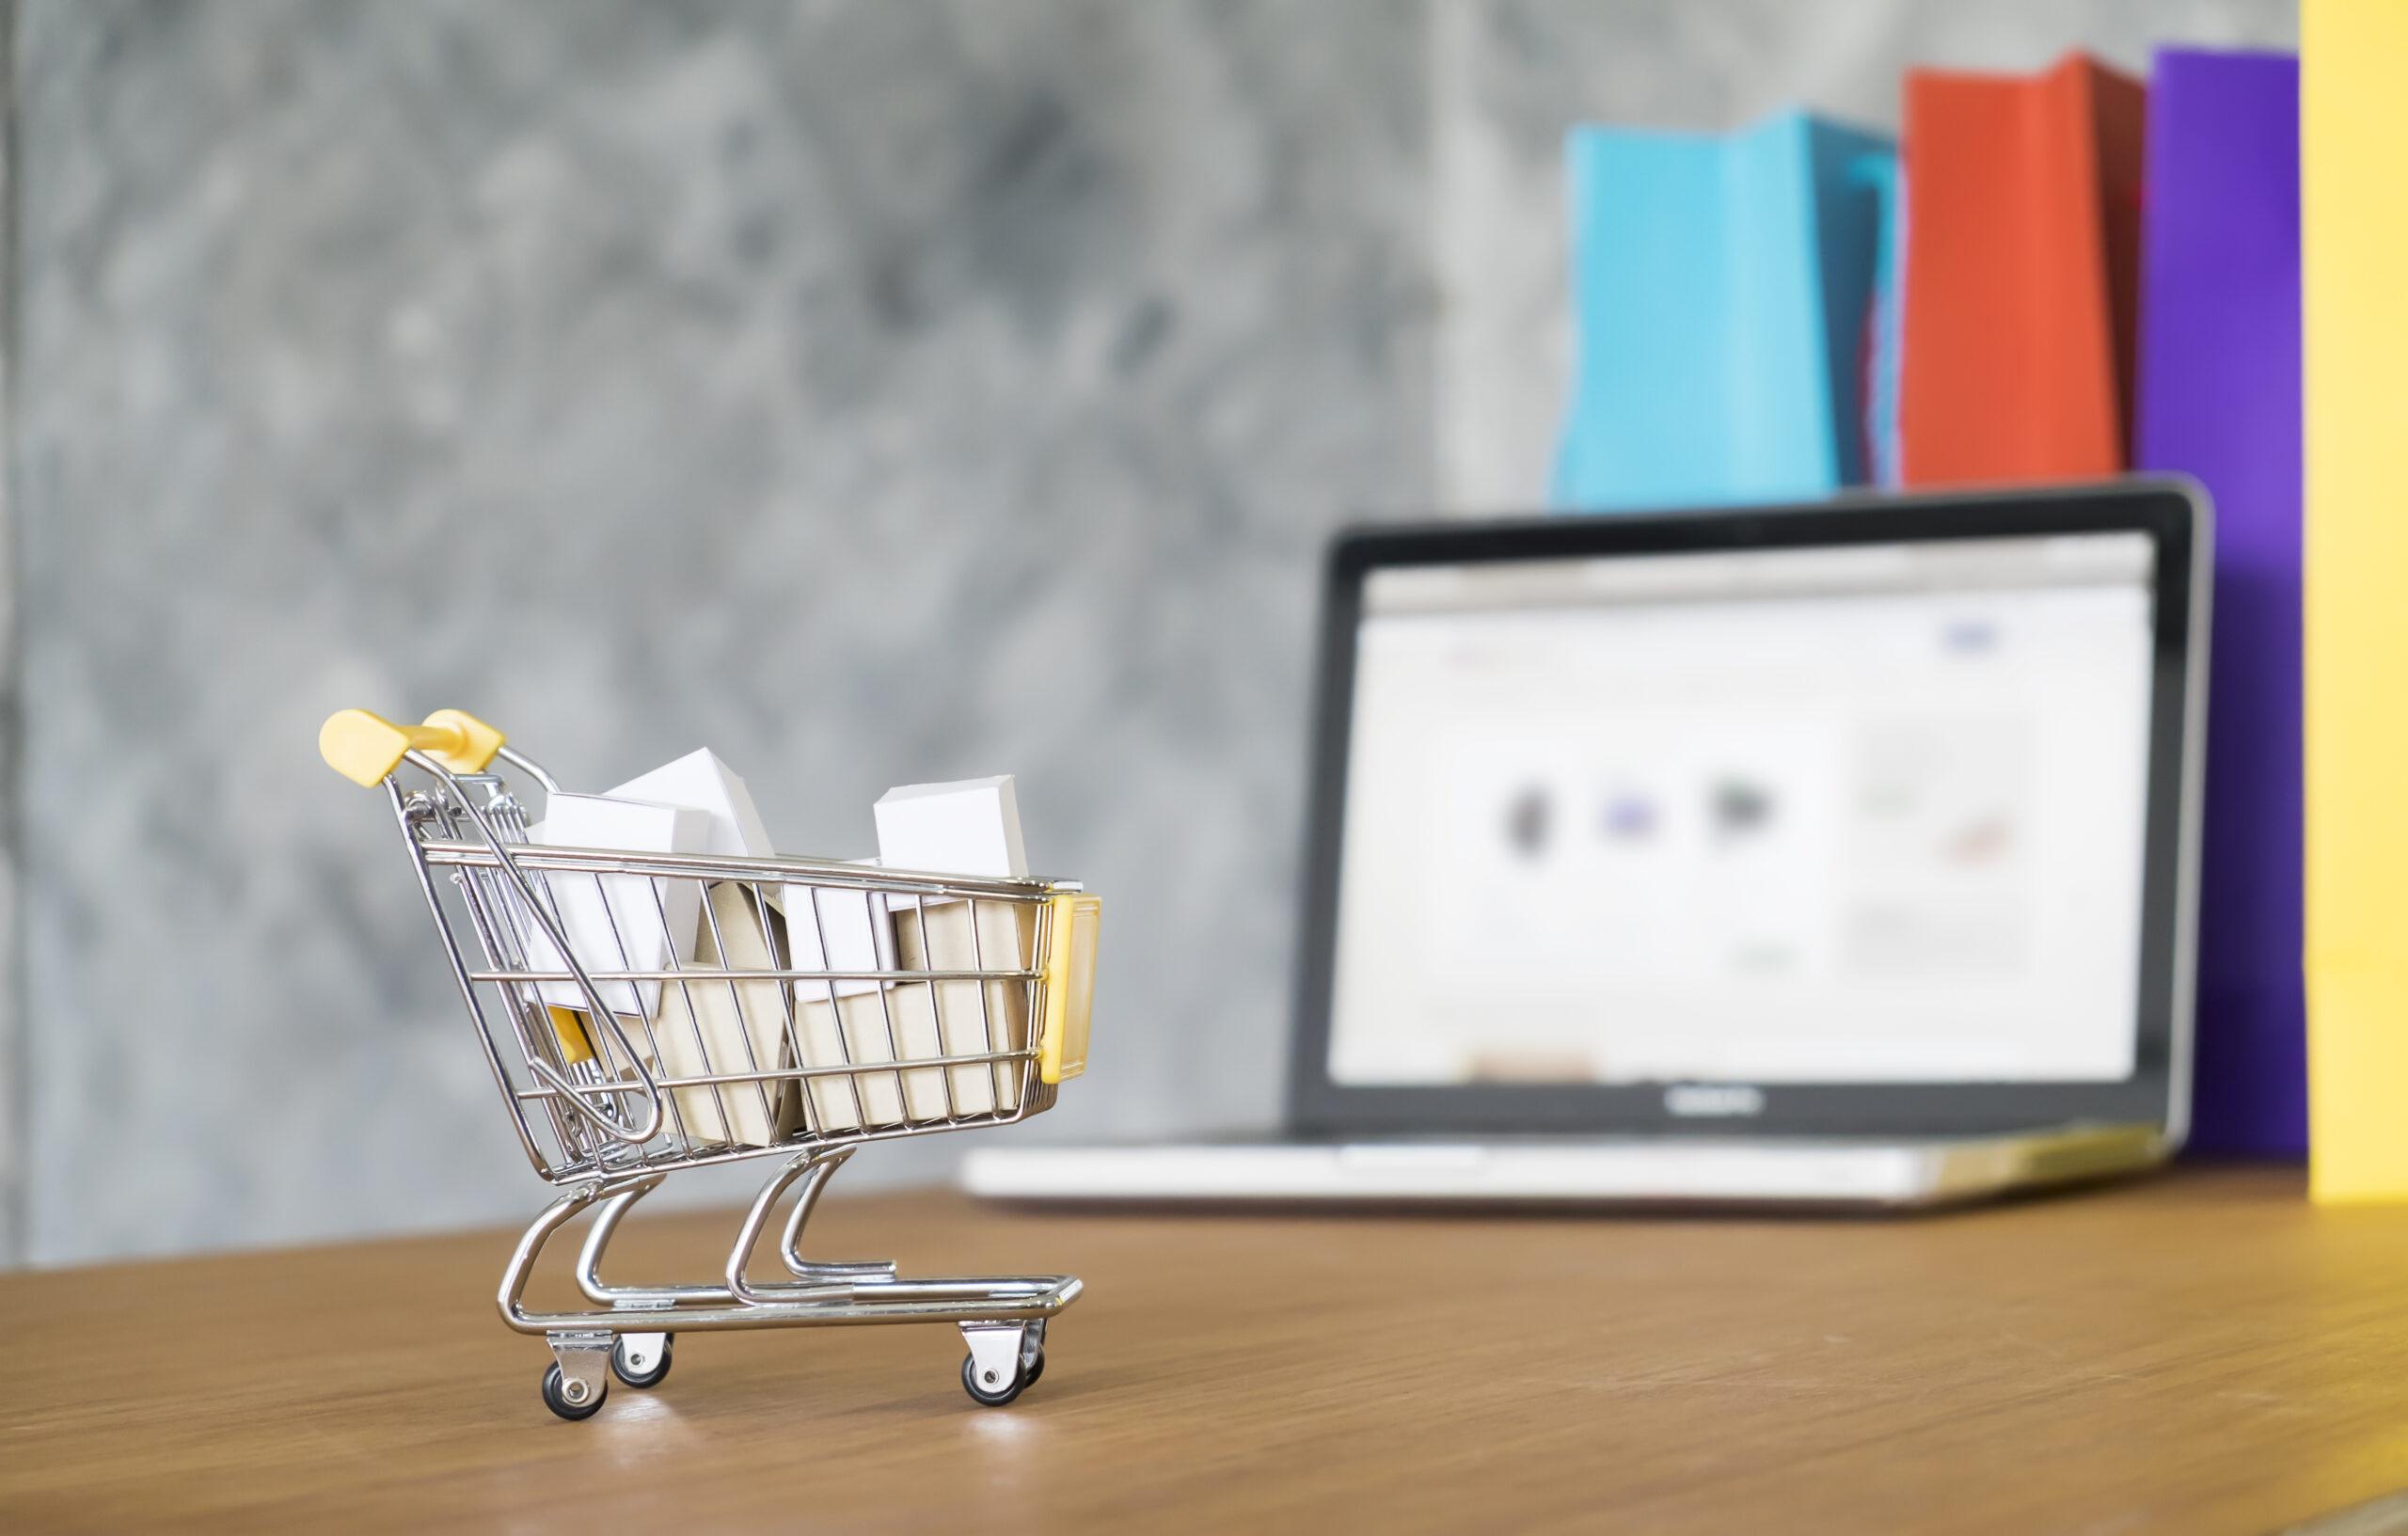 Ecommerce platform migrations for online businesses